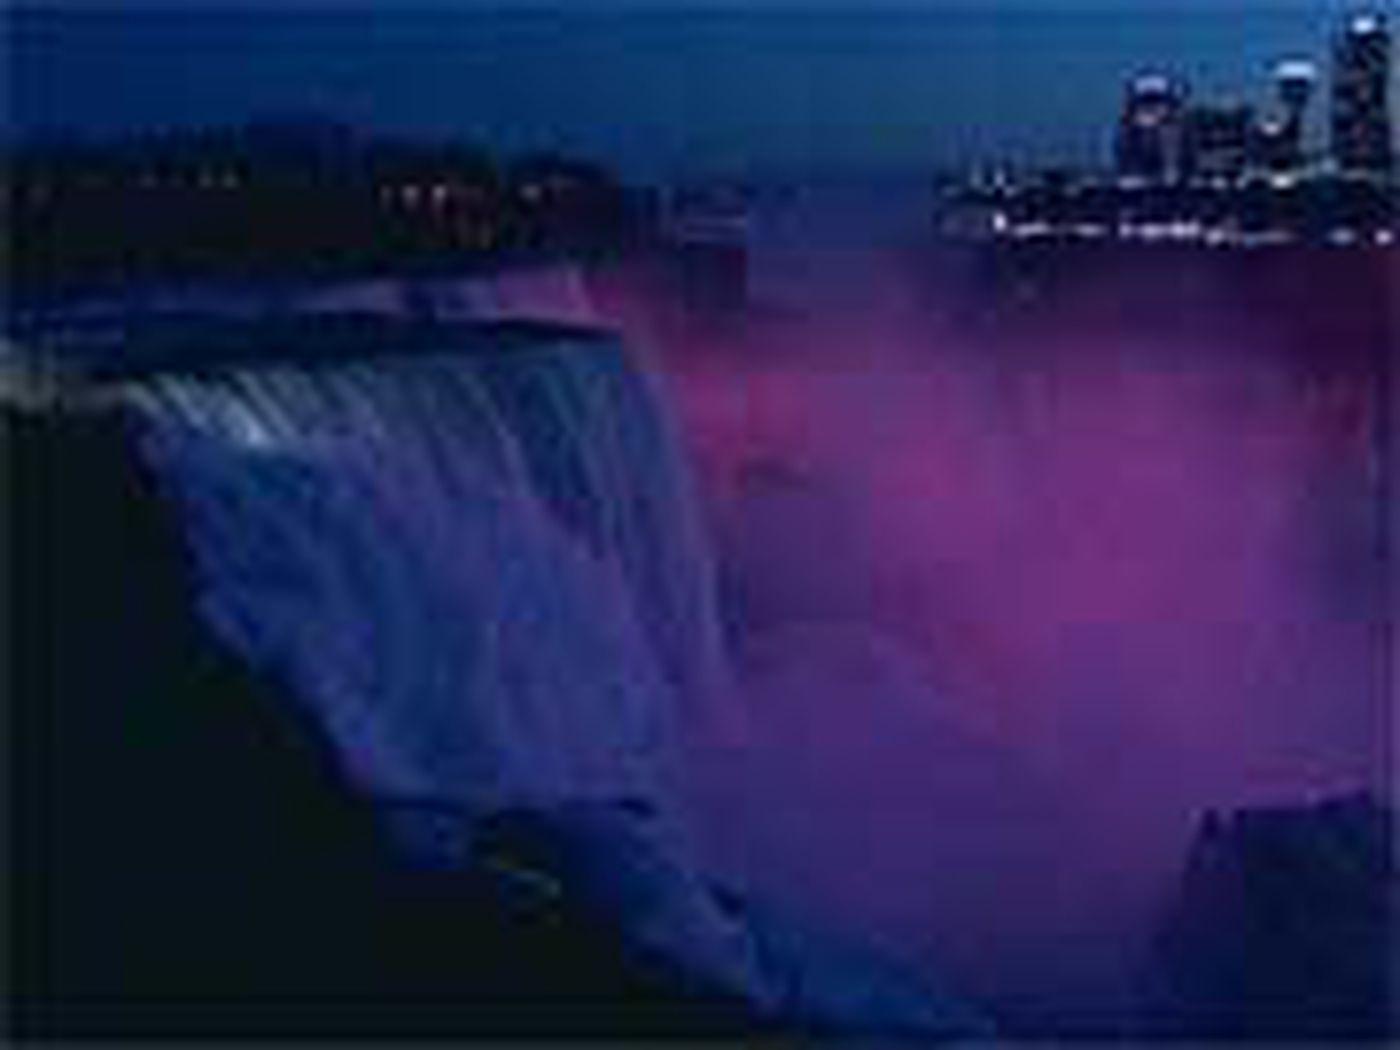 Niagara Falls Lighted To Memorialize Virginia Tech Victims